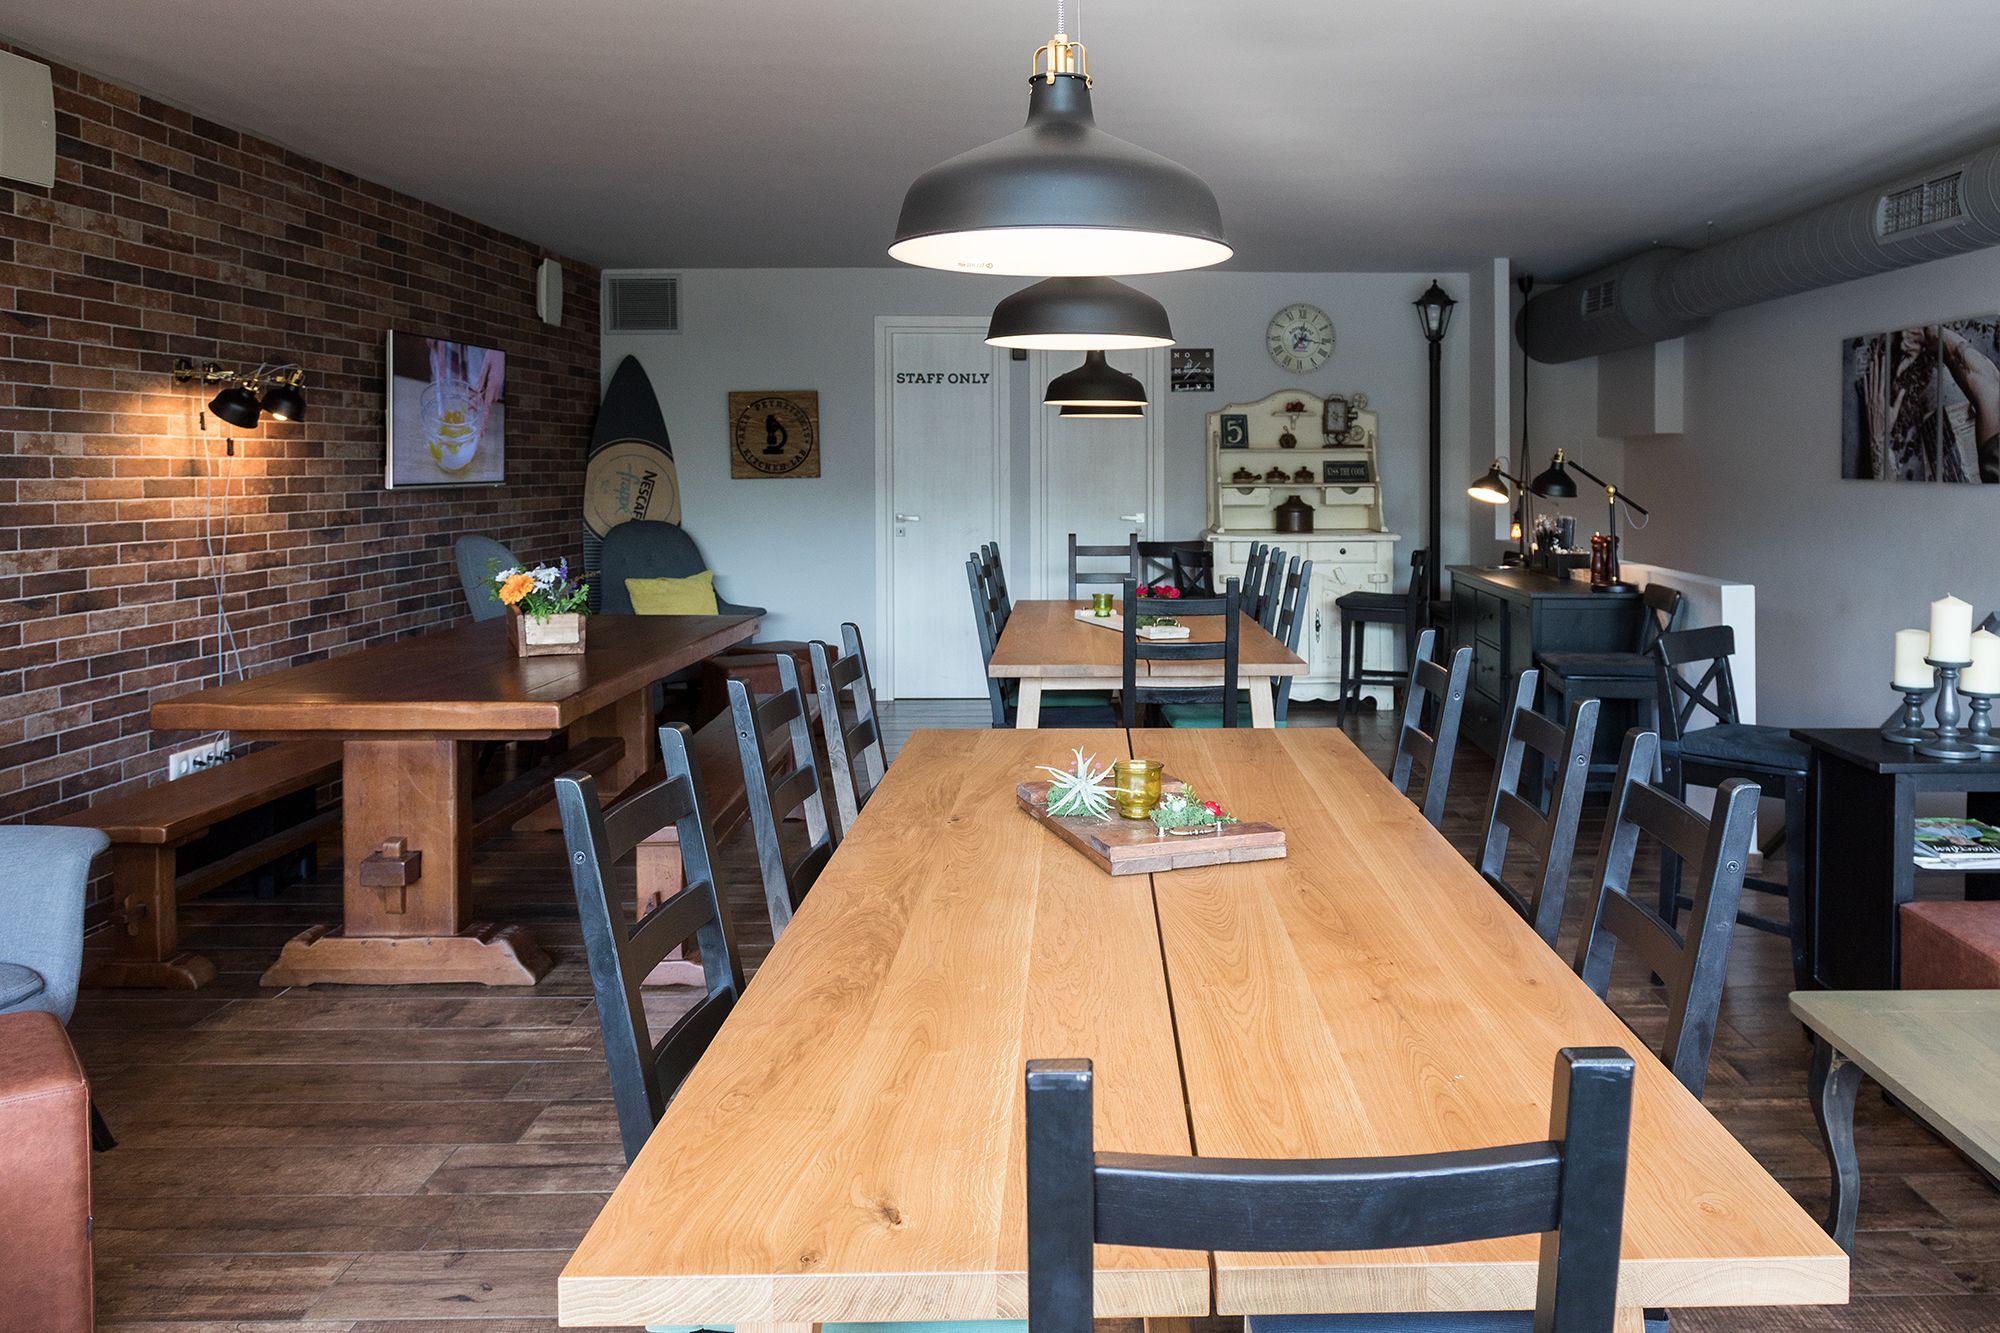 Akis petretikis kitchenlab architectural 2